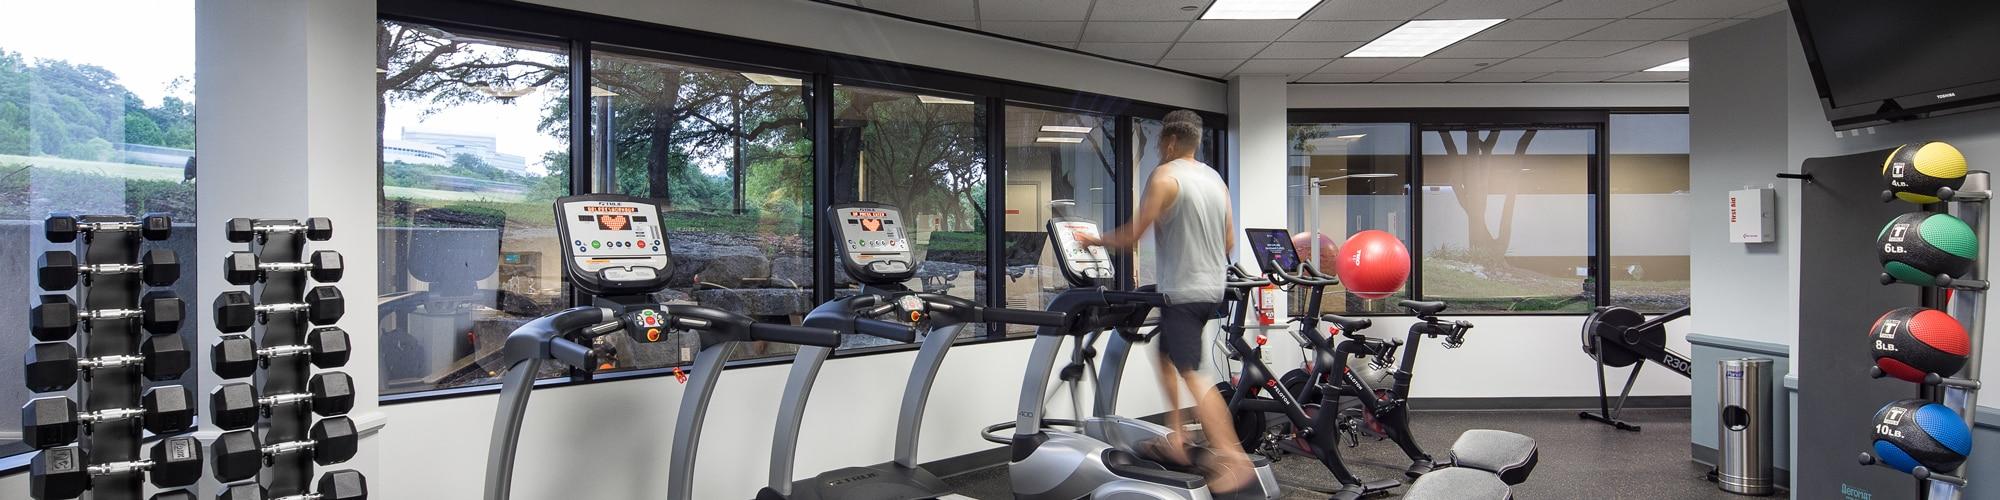 Westech 360 Gym